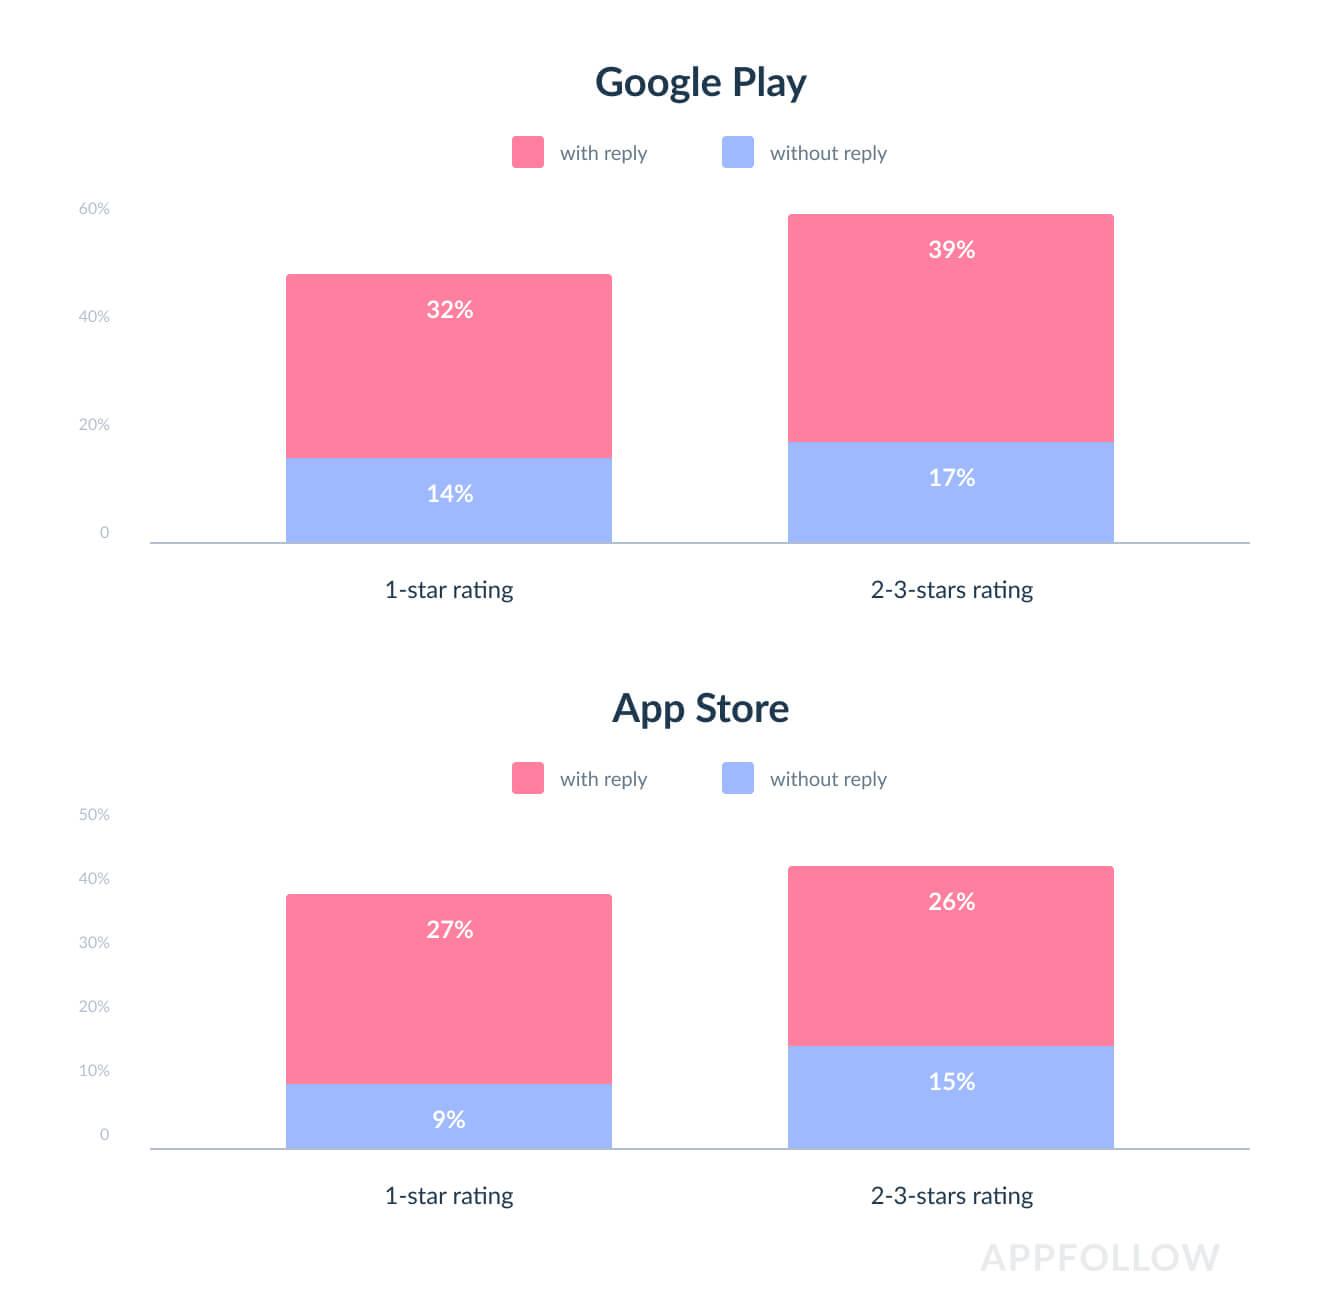 Соотношение разницы в Google Play и Appstore в разрезе отзывов получивших и не получивших ответ